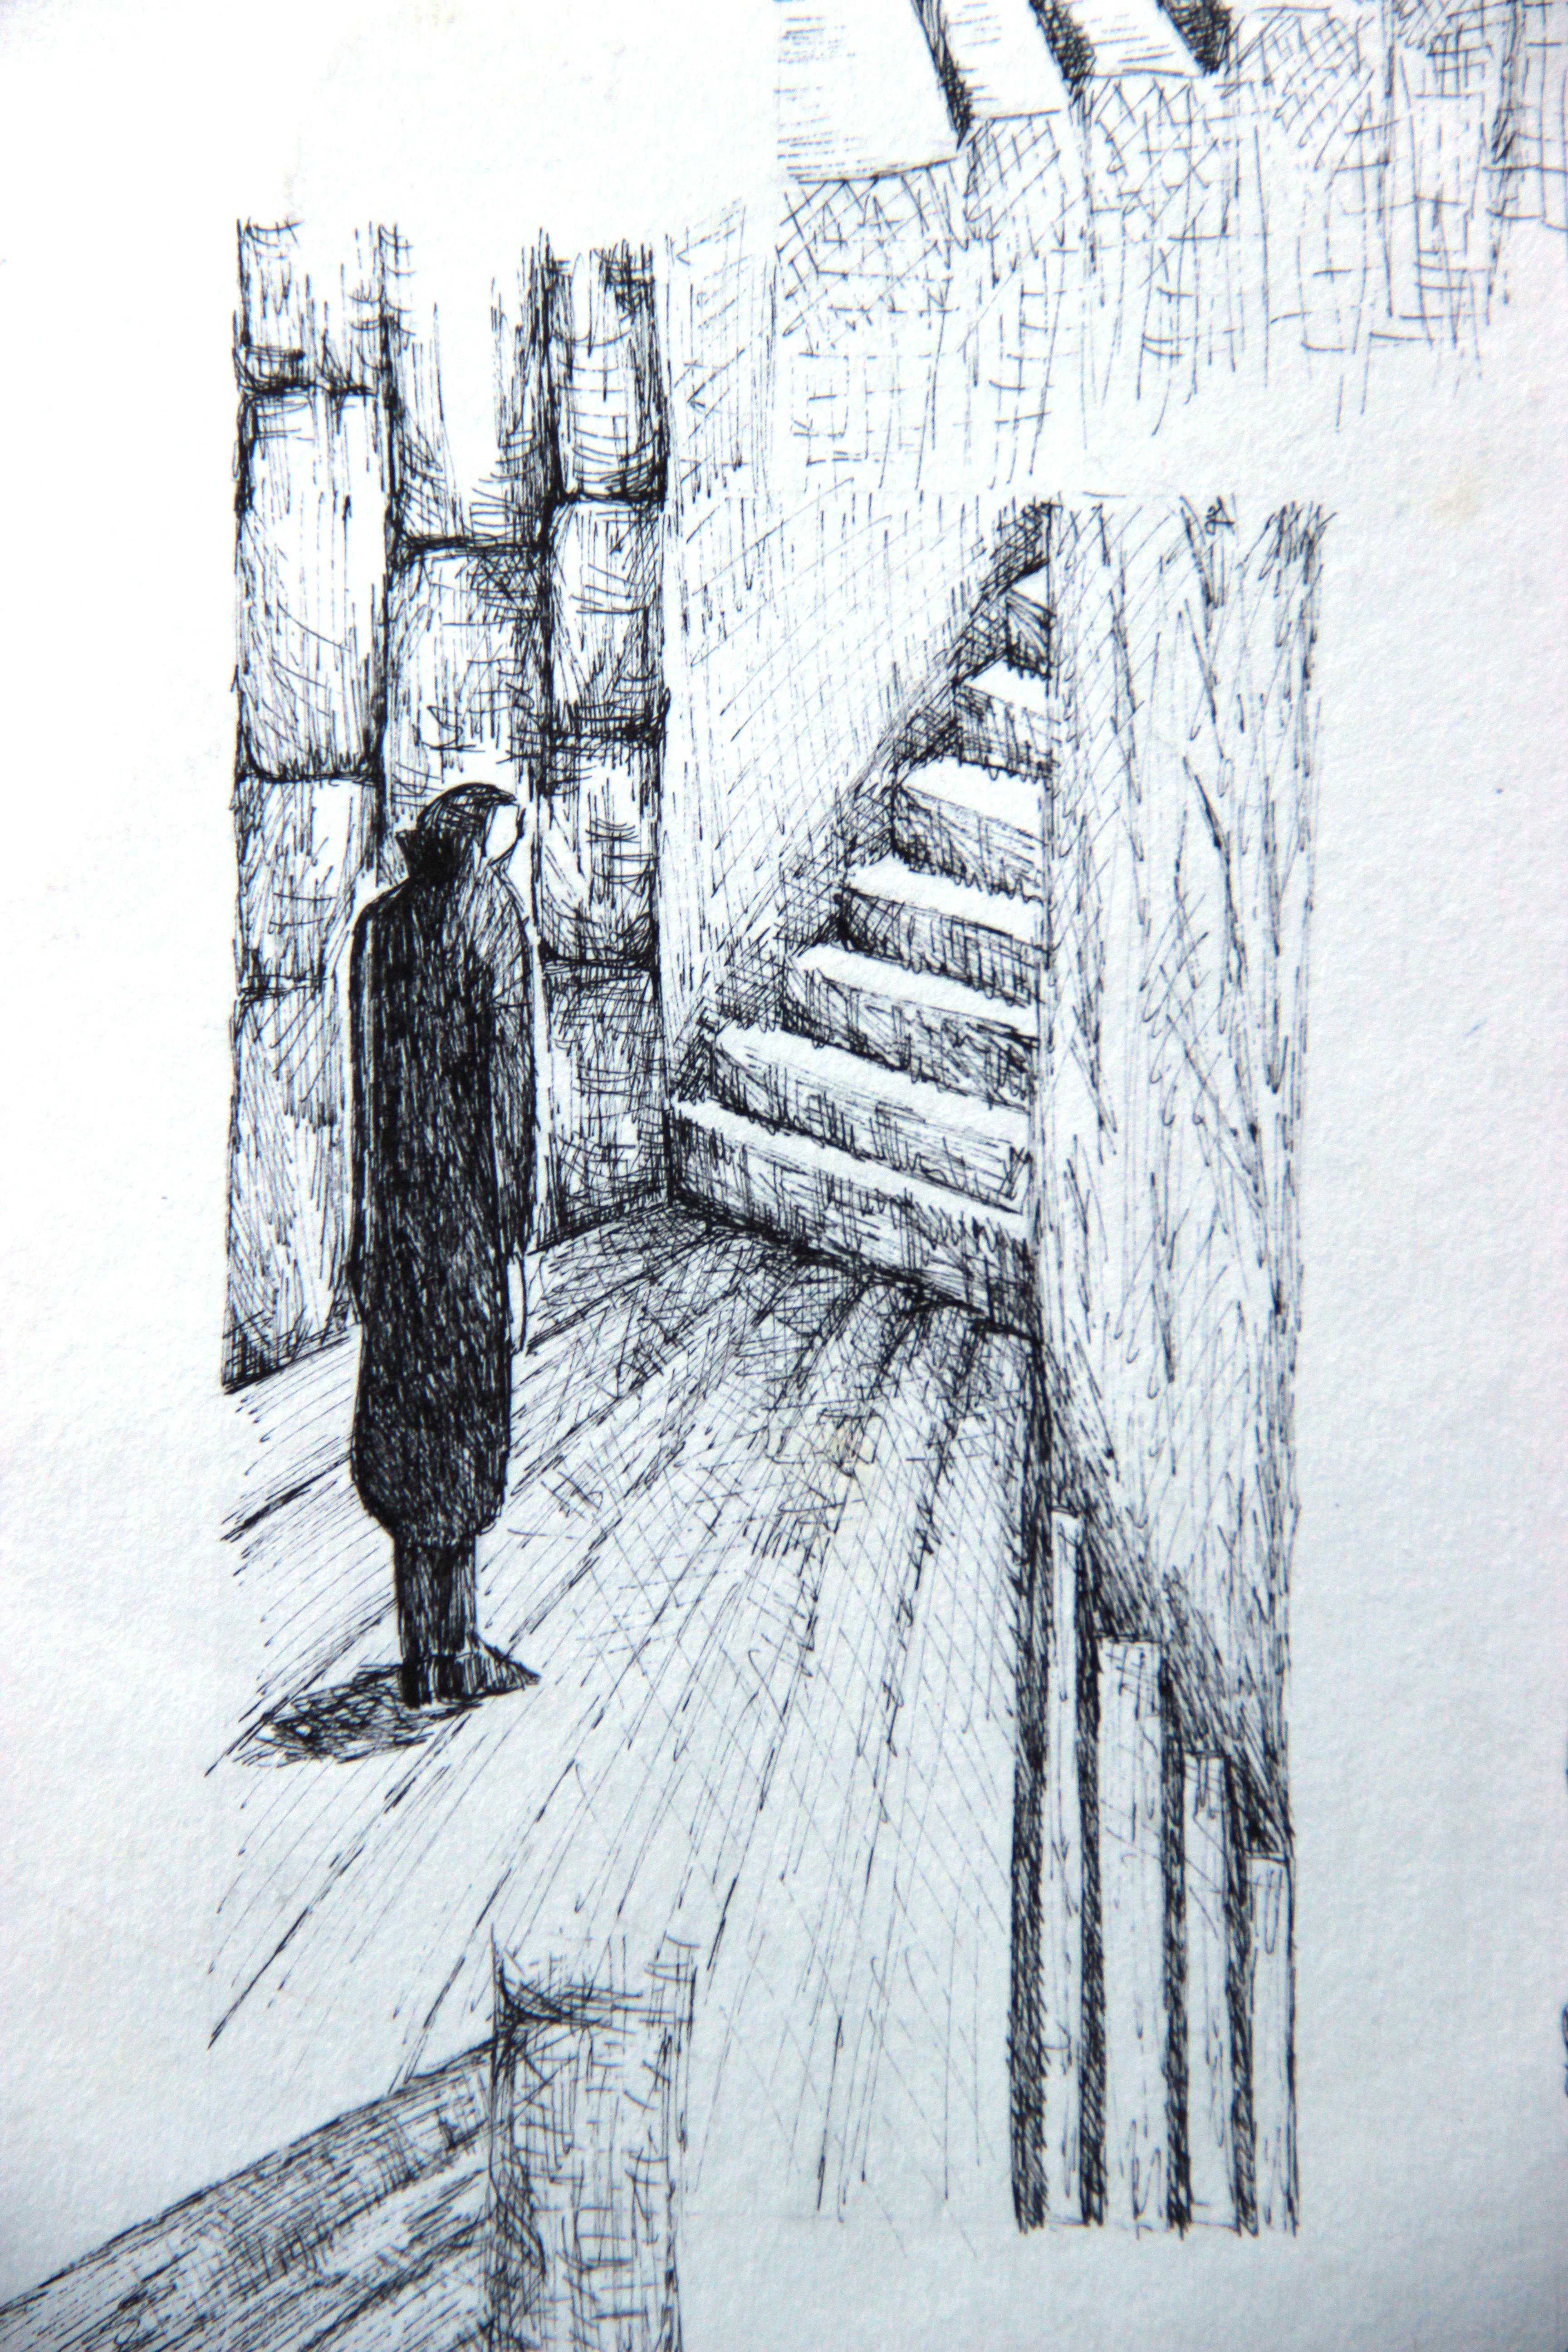 Escaliers détail 2 - Croquis - Isabelle Milléquant Surr